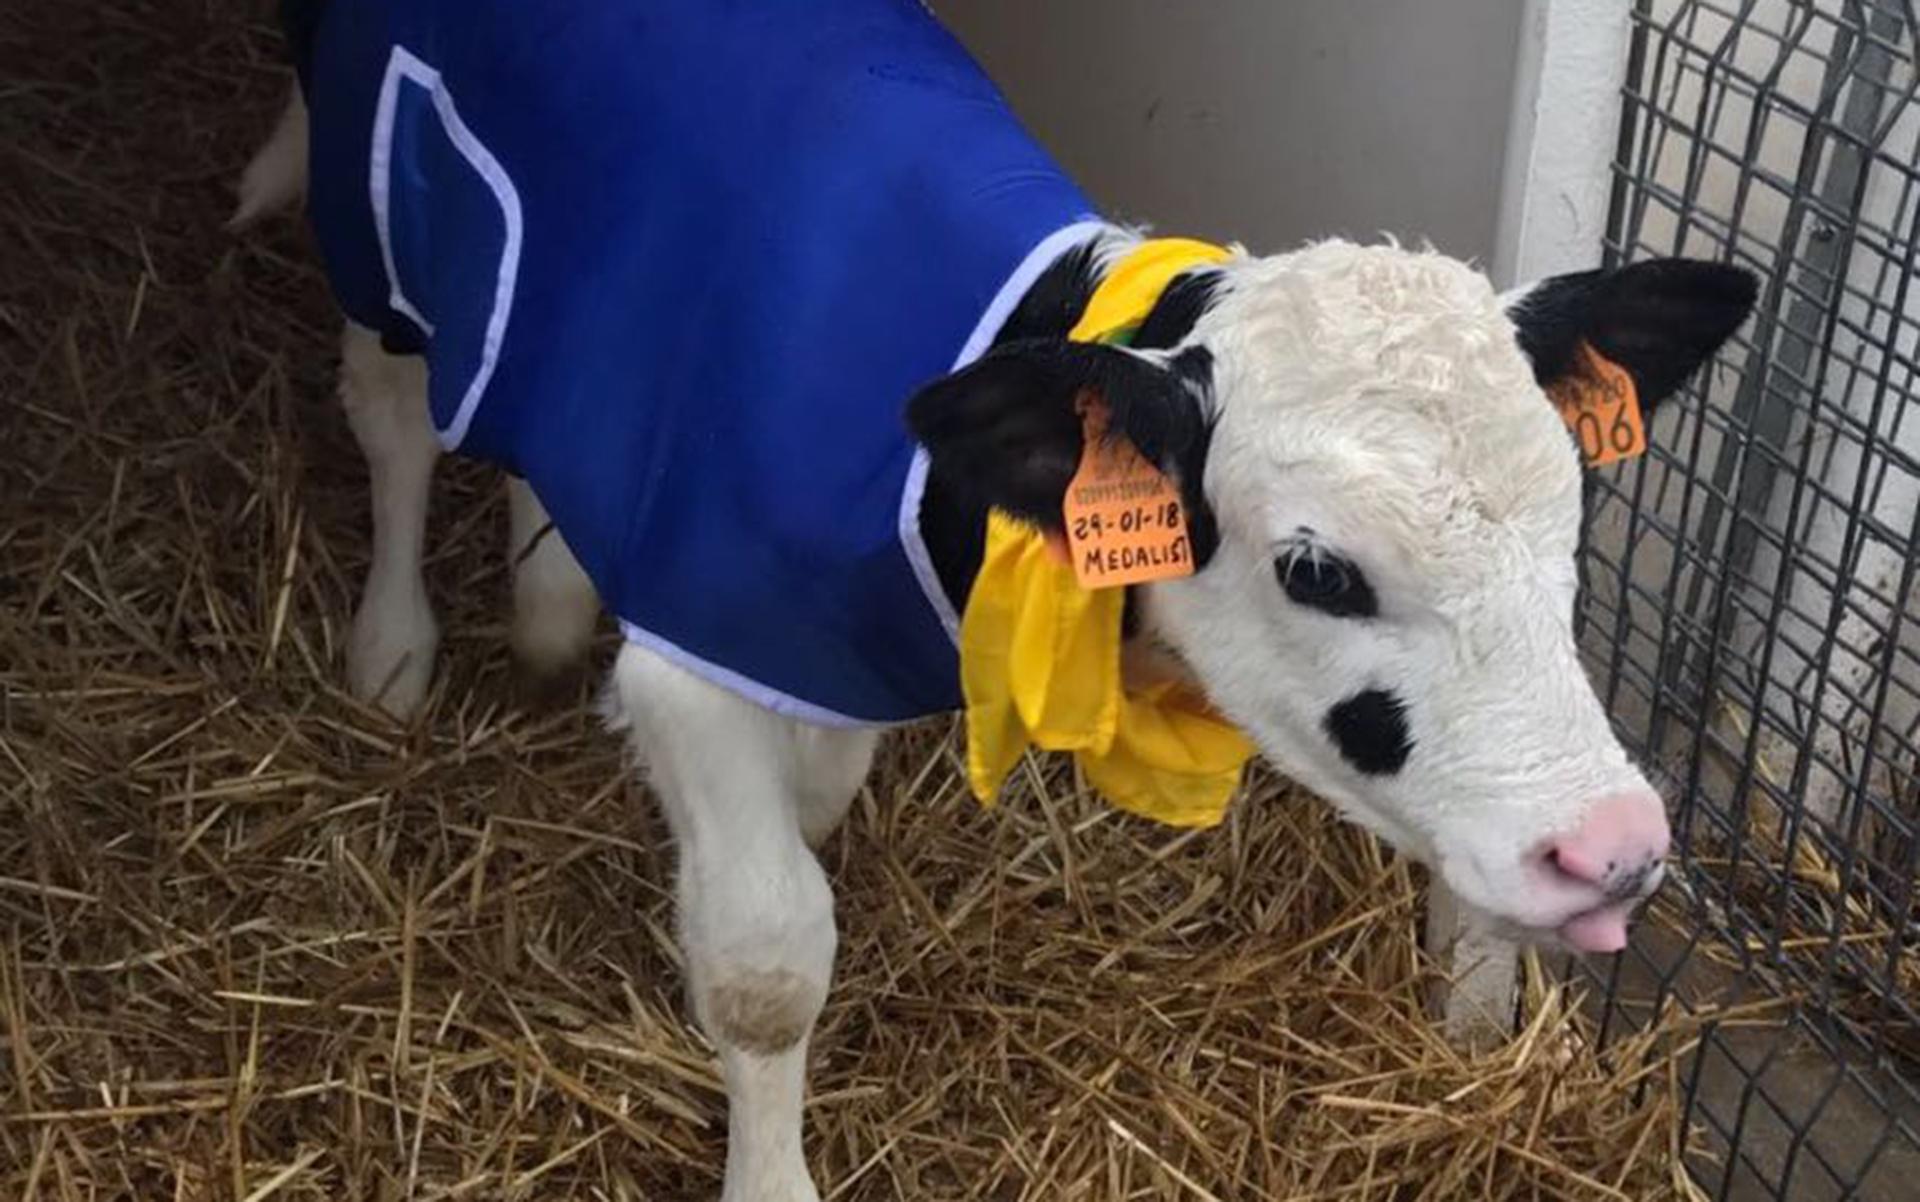 Mucca col cappotto